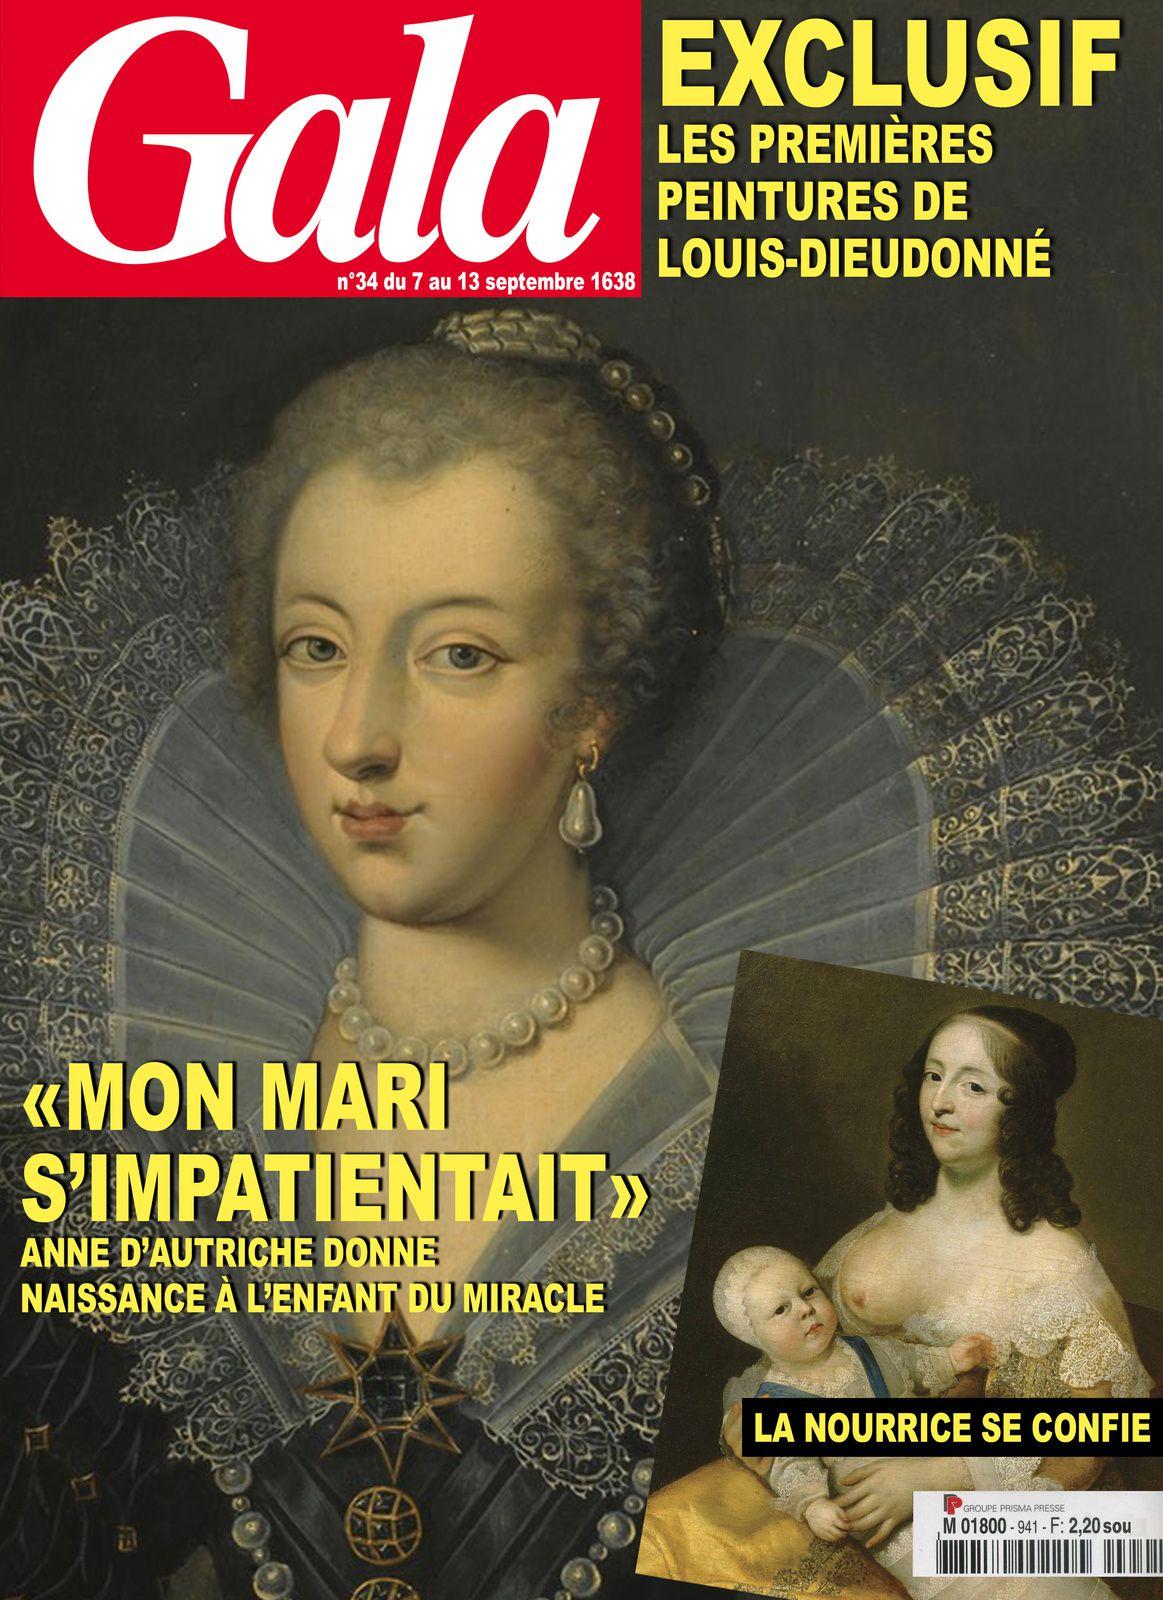 La naissance de Louis XIV, Une de Gala de septembre 1638